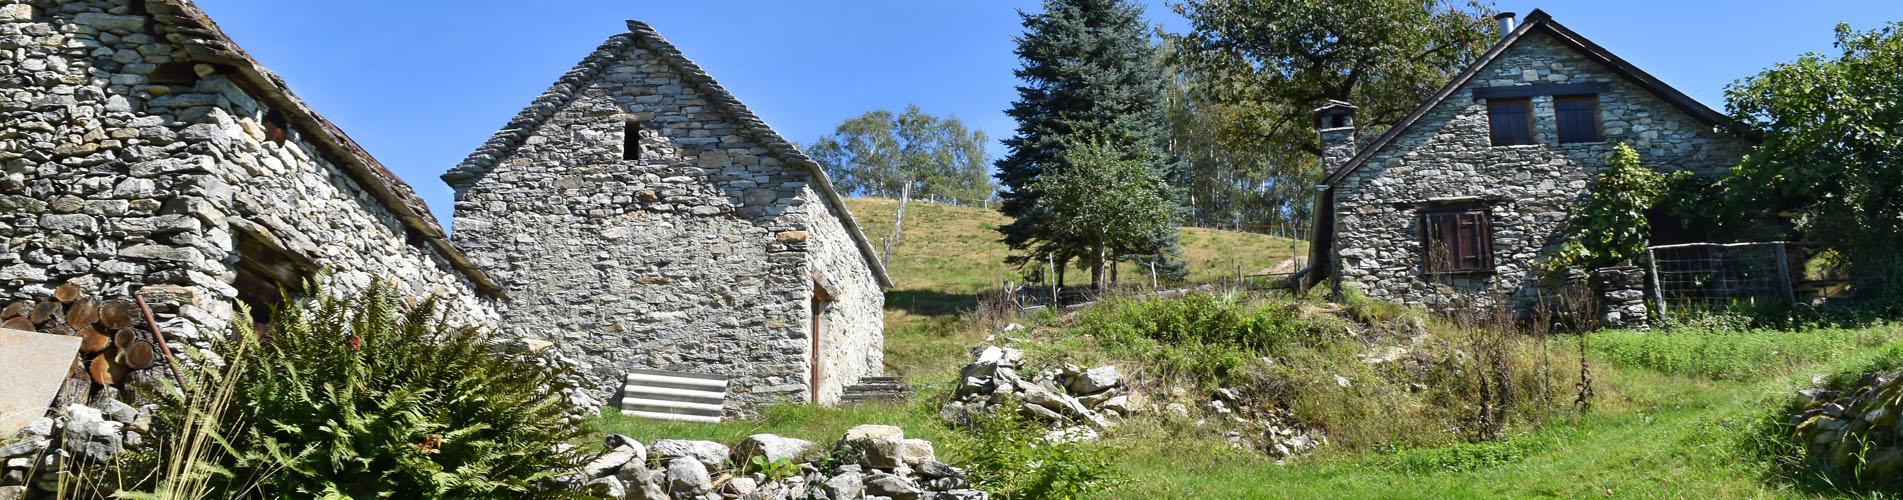 Ferien, und Wanderferien im Besonderen, in der Schweiz – ob Alphütte, Maiensäss, Rustico, Wanderhotel, Ferienwohnung, Ferienhaus, BnB, Ferien auf dem Bauernhof, Schlafen im Stroh, Chalet oder gar Ferien im Baudenkmal mit oder ohne Service: Die Schweiz ist reich an Naturschönheiten und Kulturen – es gibt viel zu entdecken! Ab in die Ferien!